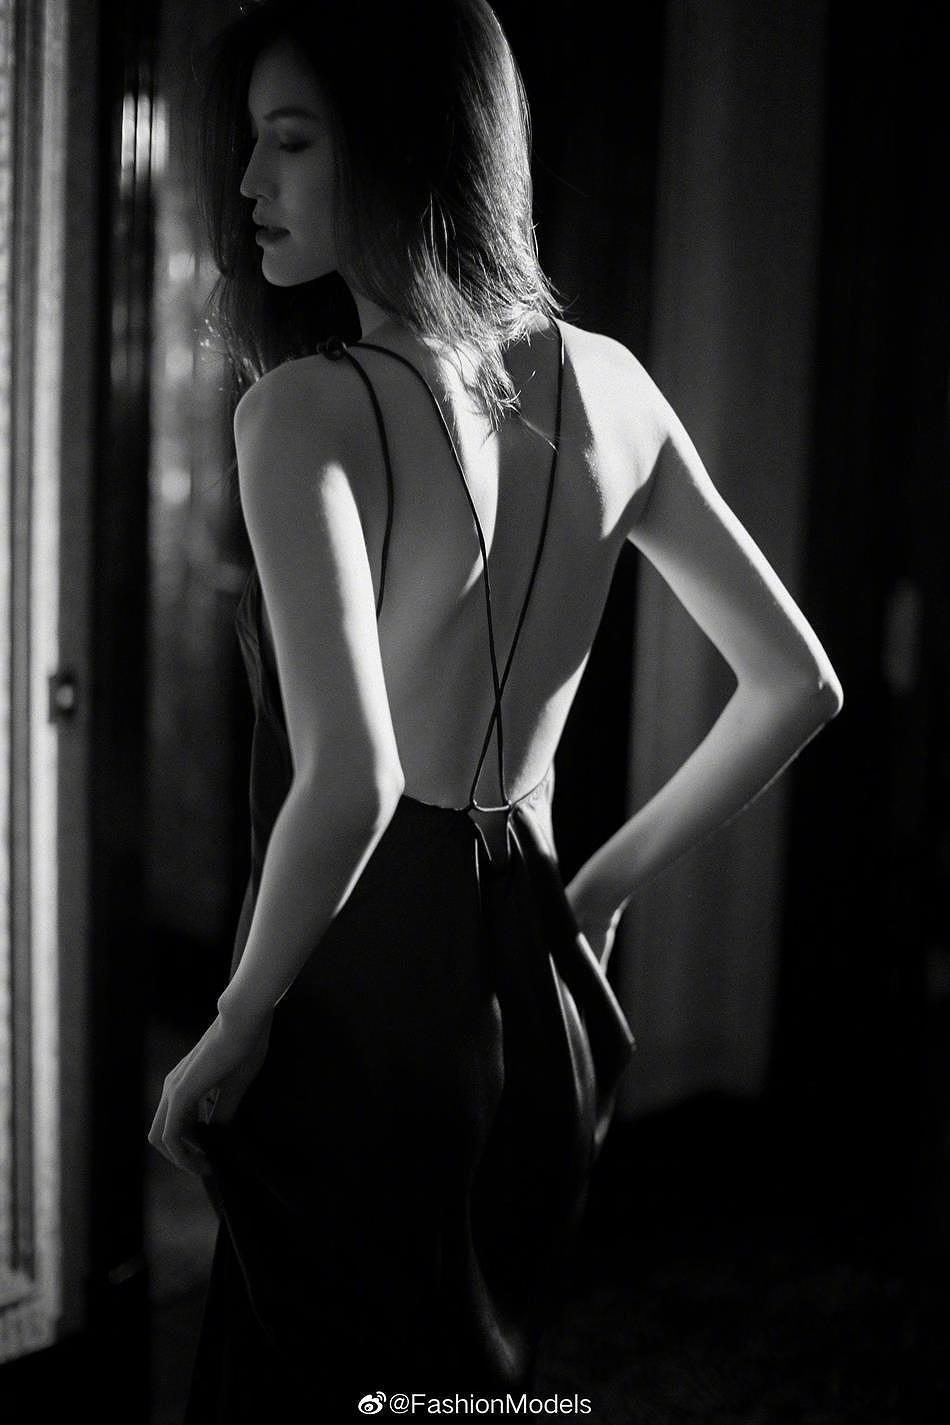 Siêu mẫu Victoria's Secret gốc Á mặc nội y ren, khoe lưng trần gợi cảm Ảnh 3